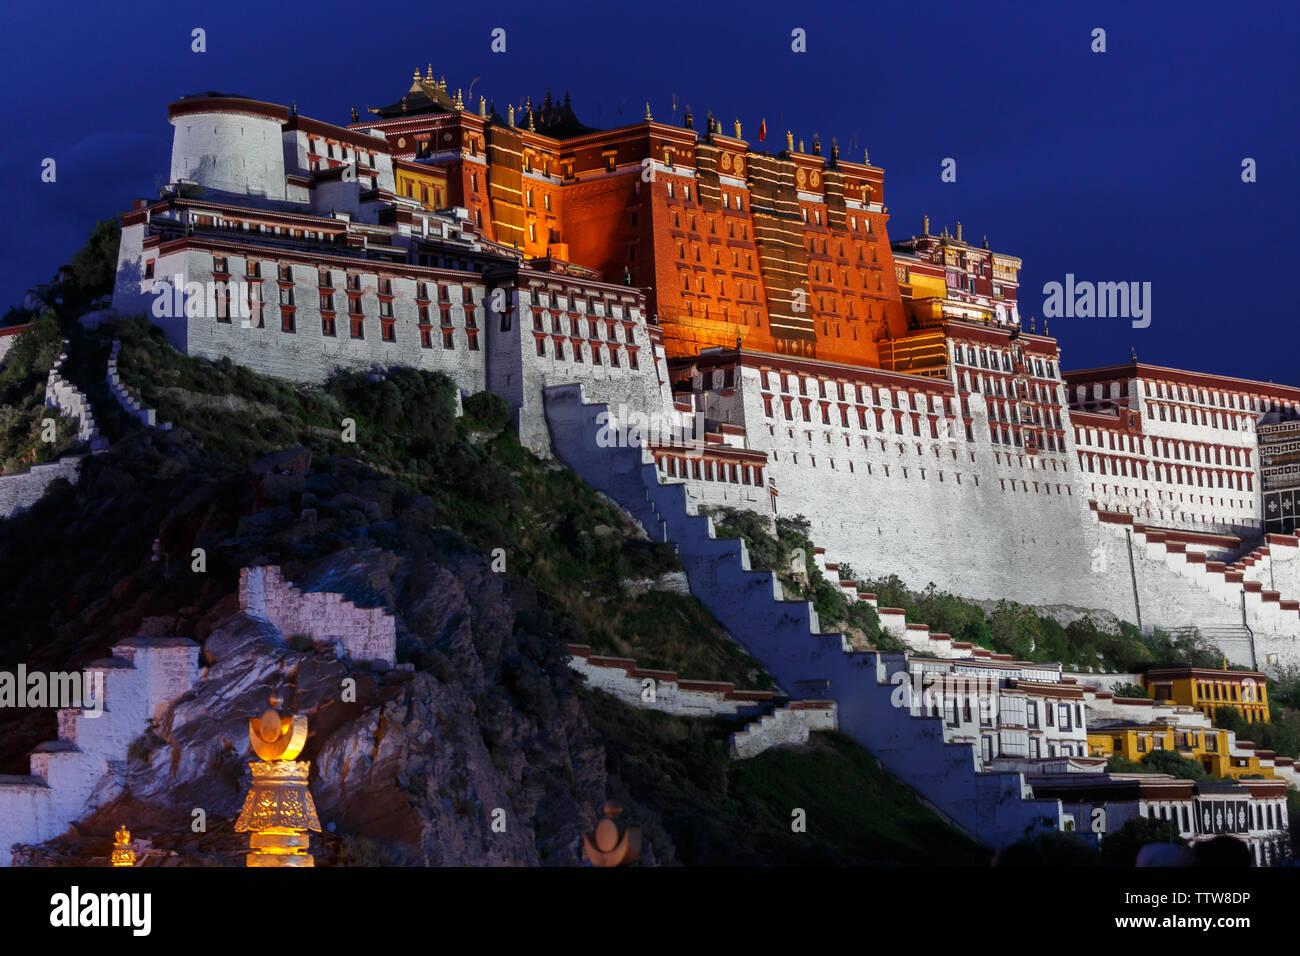 Palais du Potala foncé: Vue de côté de l'accueil du dalaï-lama. La construction du palais a commencé en 1645, le dalaï-lama a déménagé dans le lieu en 1649. Banque D'Images